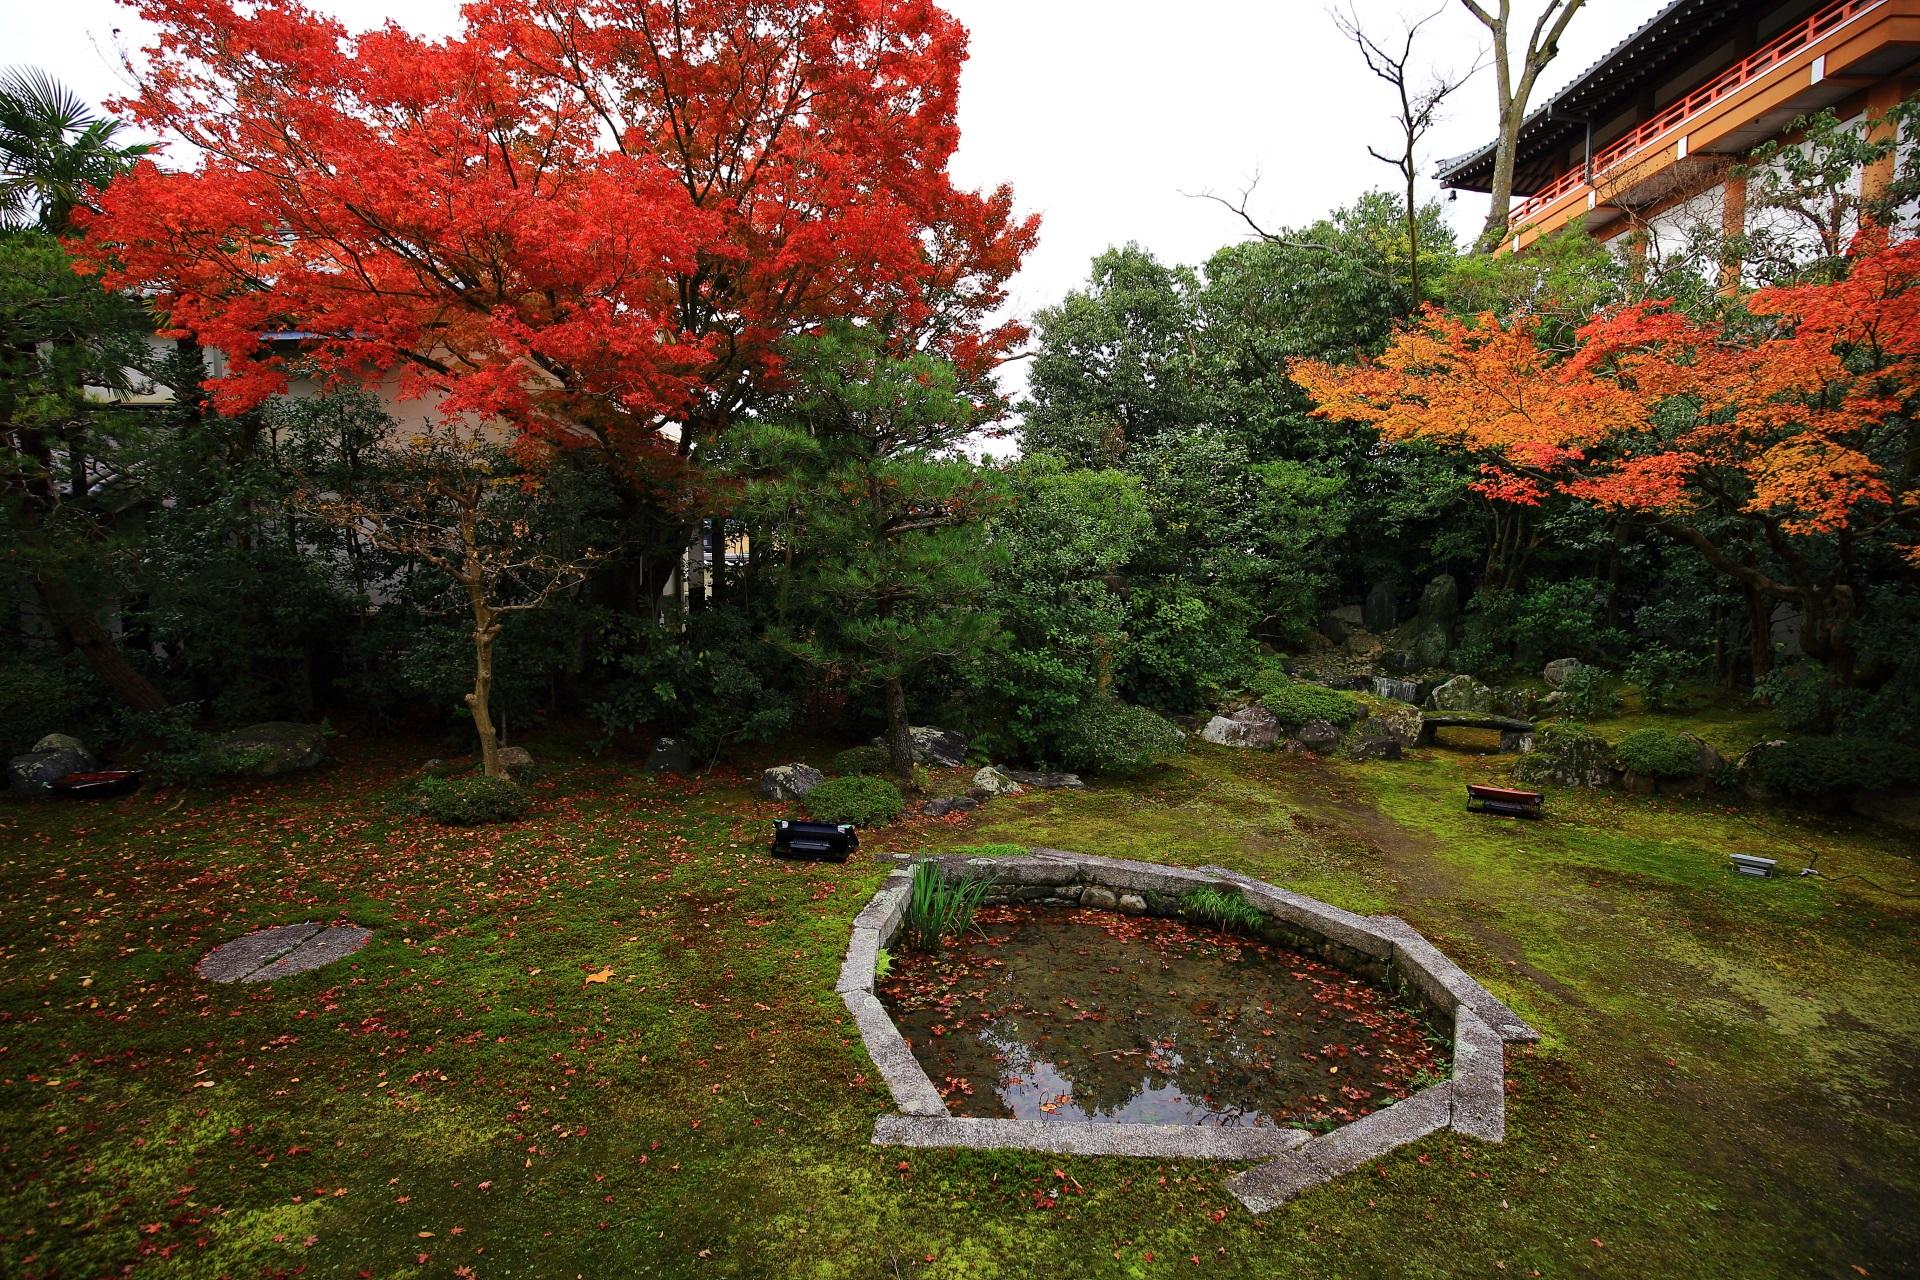 紅葉に彩られた日蓮を表した巴の庭